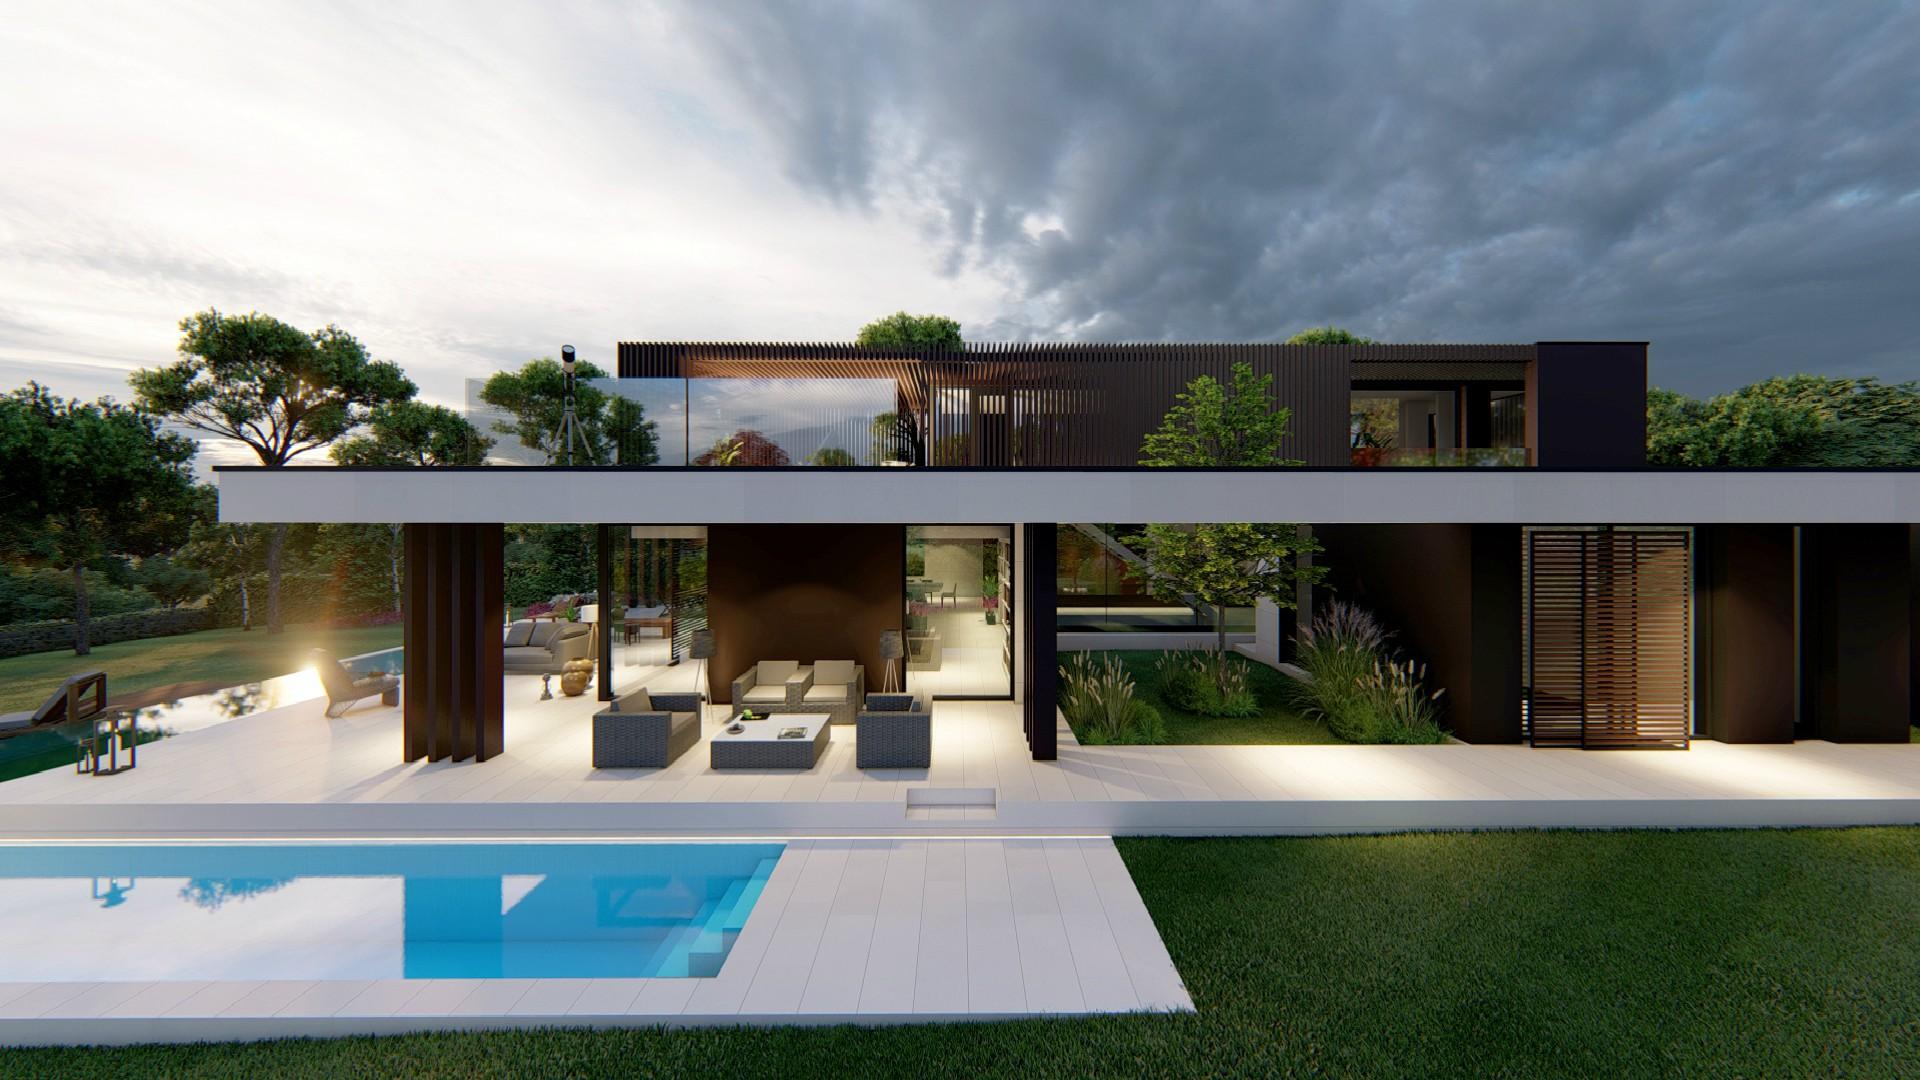 Vista exterior, fachada, piscina y jardín. 3 Viviendas Unifamiliares en Encinas, Boadilla del Monte, Madrid.Un proyecto del estudio de arquitectura FH2L Arquitectos.